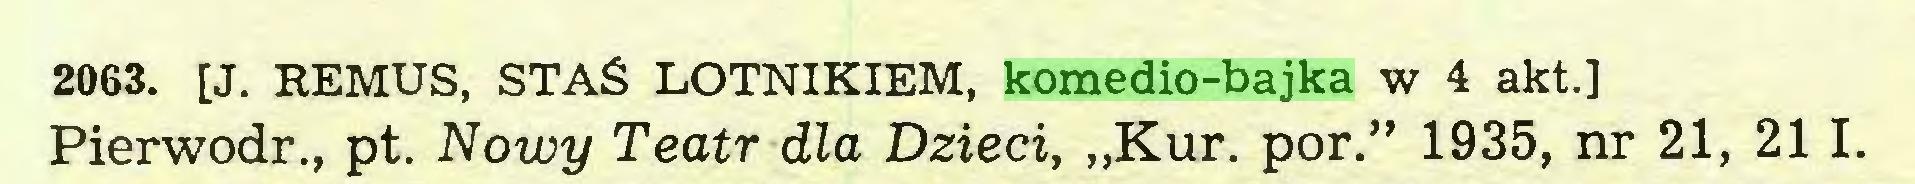 """(...) 2063. [J. REMUS, STAŚ LOTNIKIEM, komedio-bajka w 4 akt.] Pierwodr., pt. Nowy Teatr dla Dzieci, """"Kur. por."""" 1935, nr 21, 211..."""